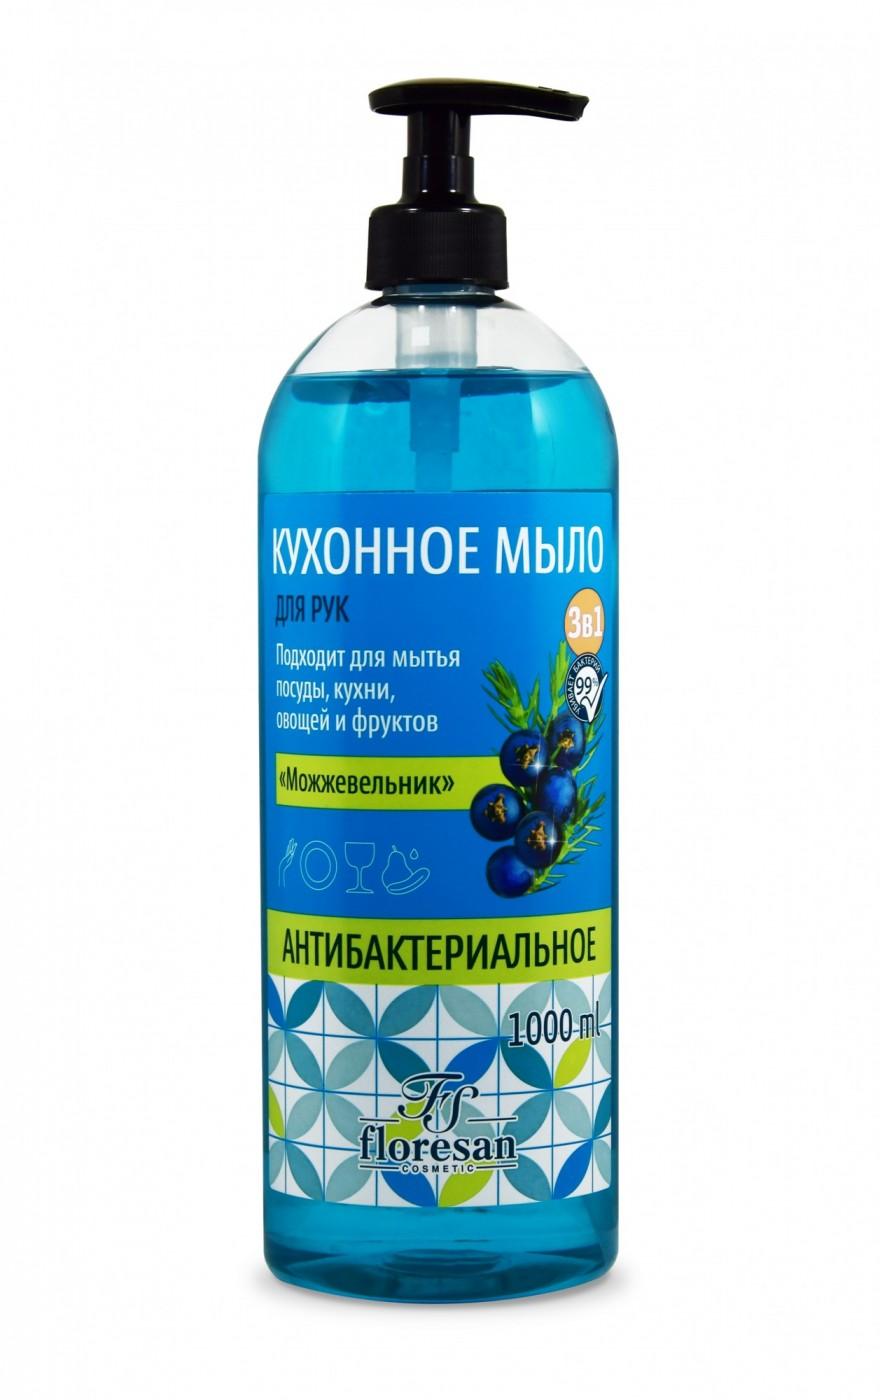 Кухонное мыло для рук  3в1  «Можжевельник» антибактериальное, 1000 мл